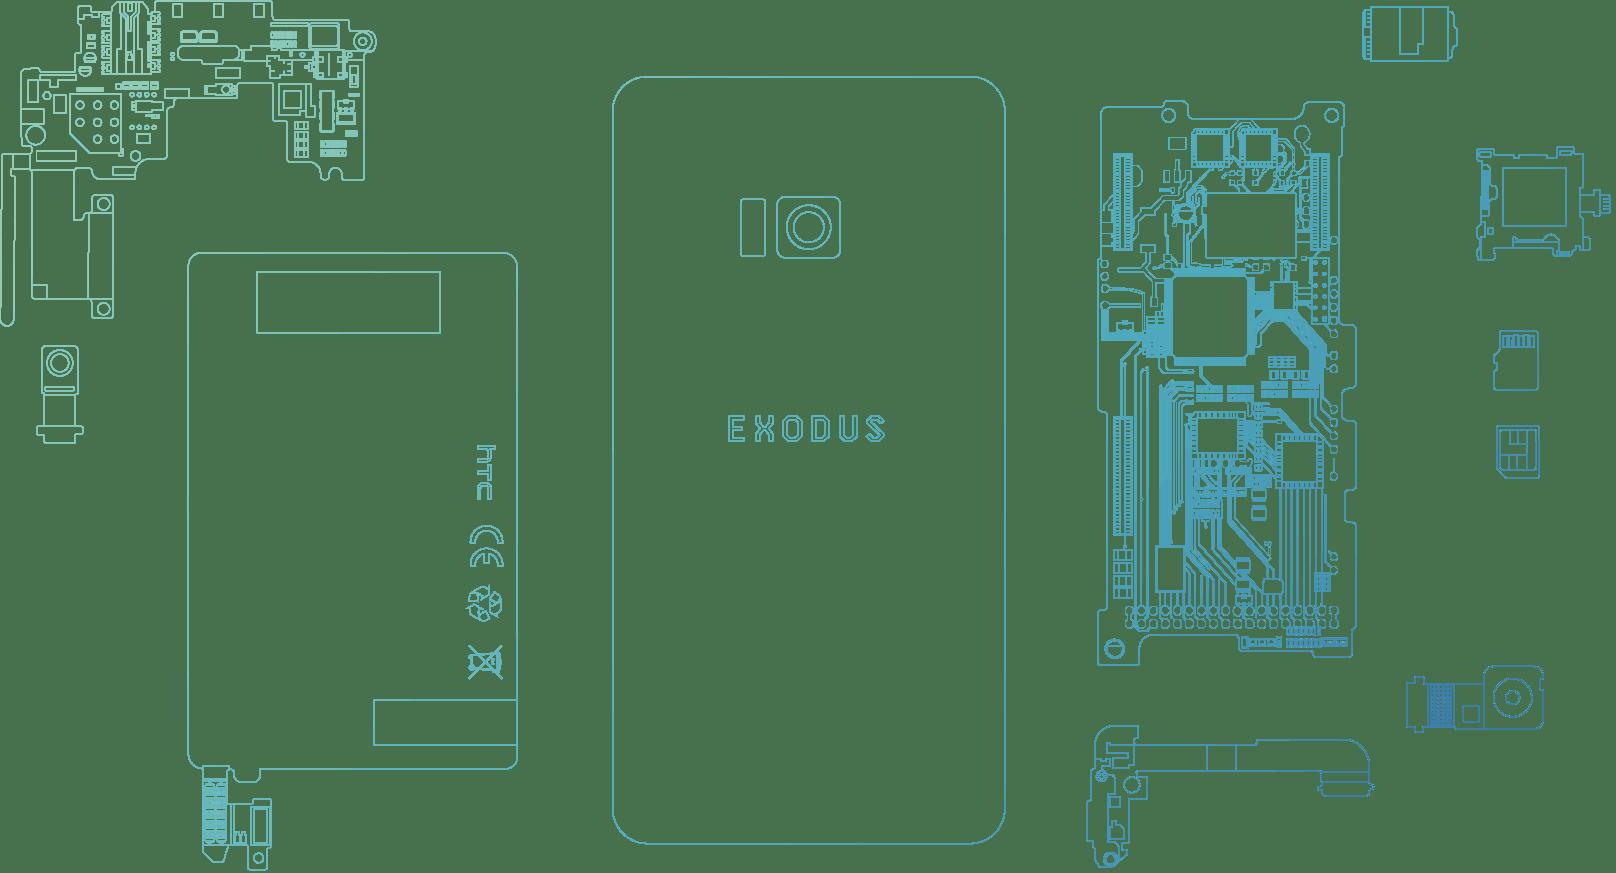 HTCが発表した「Exodus」の画像